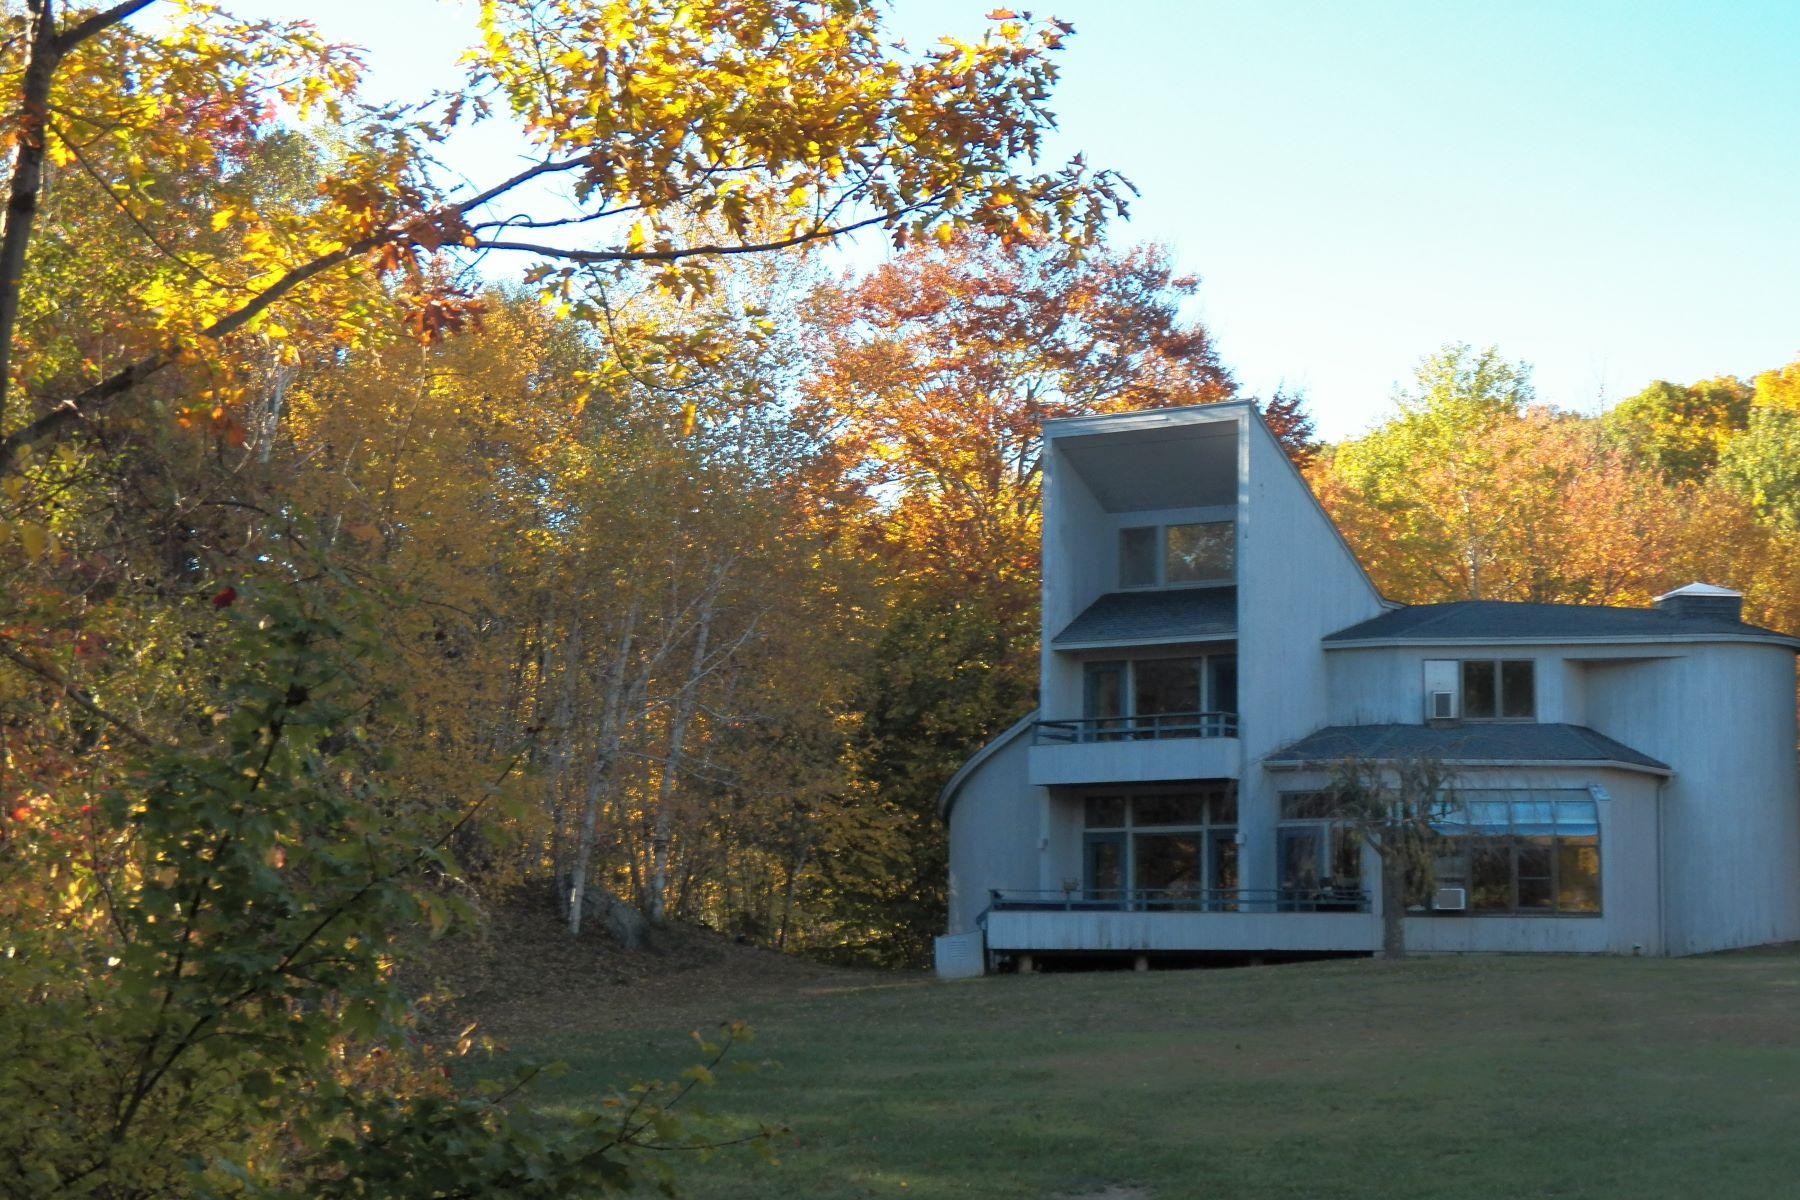 Maison unifamiliale pour l Vente à Country Contemporary 47 Rabbit Hill Washington, Connecticut 06777 États-Unis